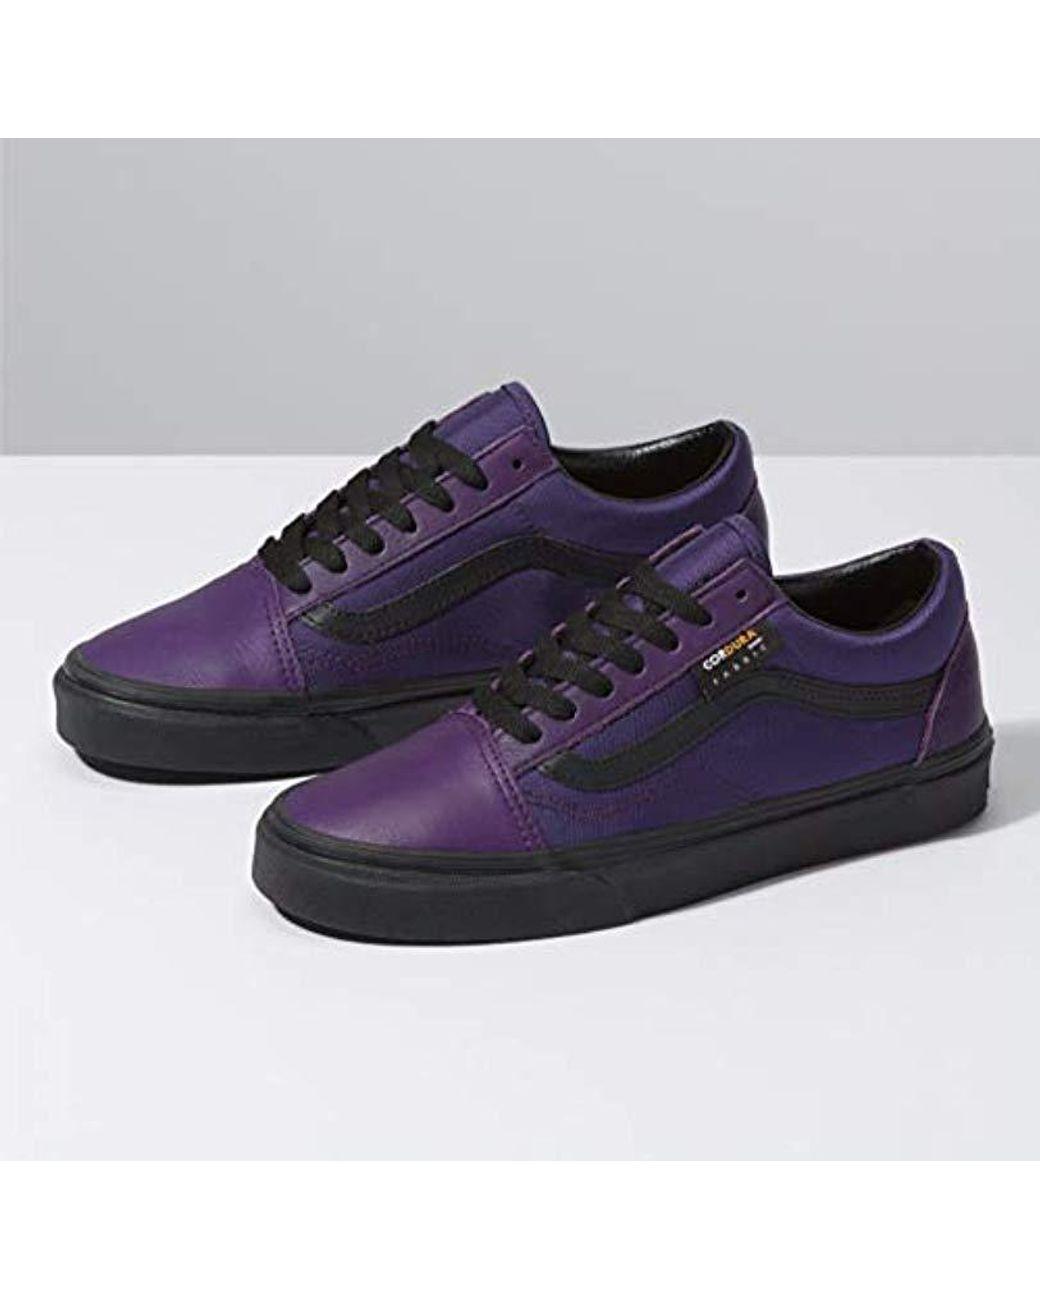 Vans Suede Old Skool Cordura Shoestrainers In Violetindigo